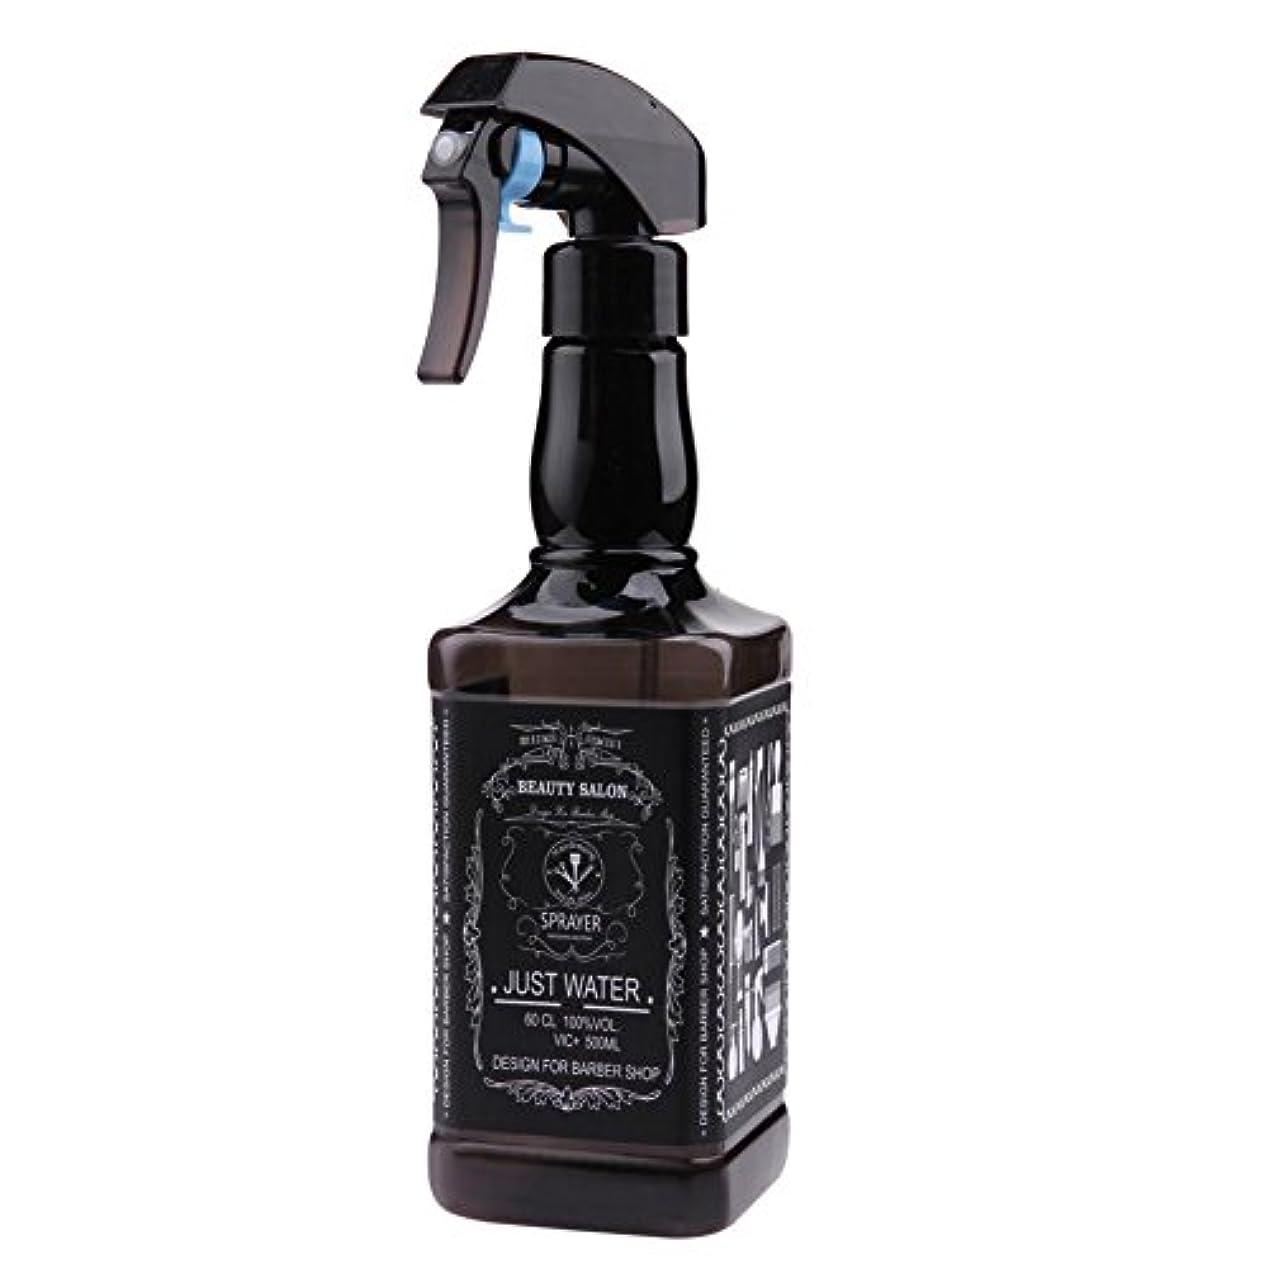 Everpert スプレーボトル 噴霧器 噴霧 ボトル 理髪店 美容室 ガーデニング用 極細ミスト